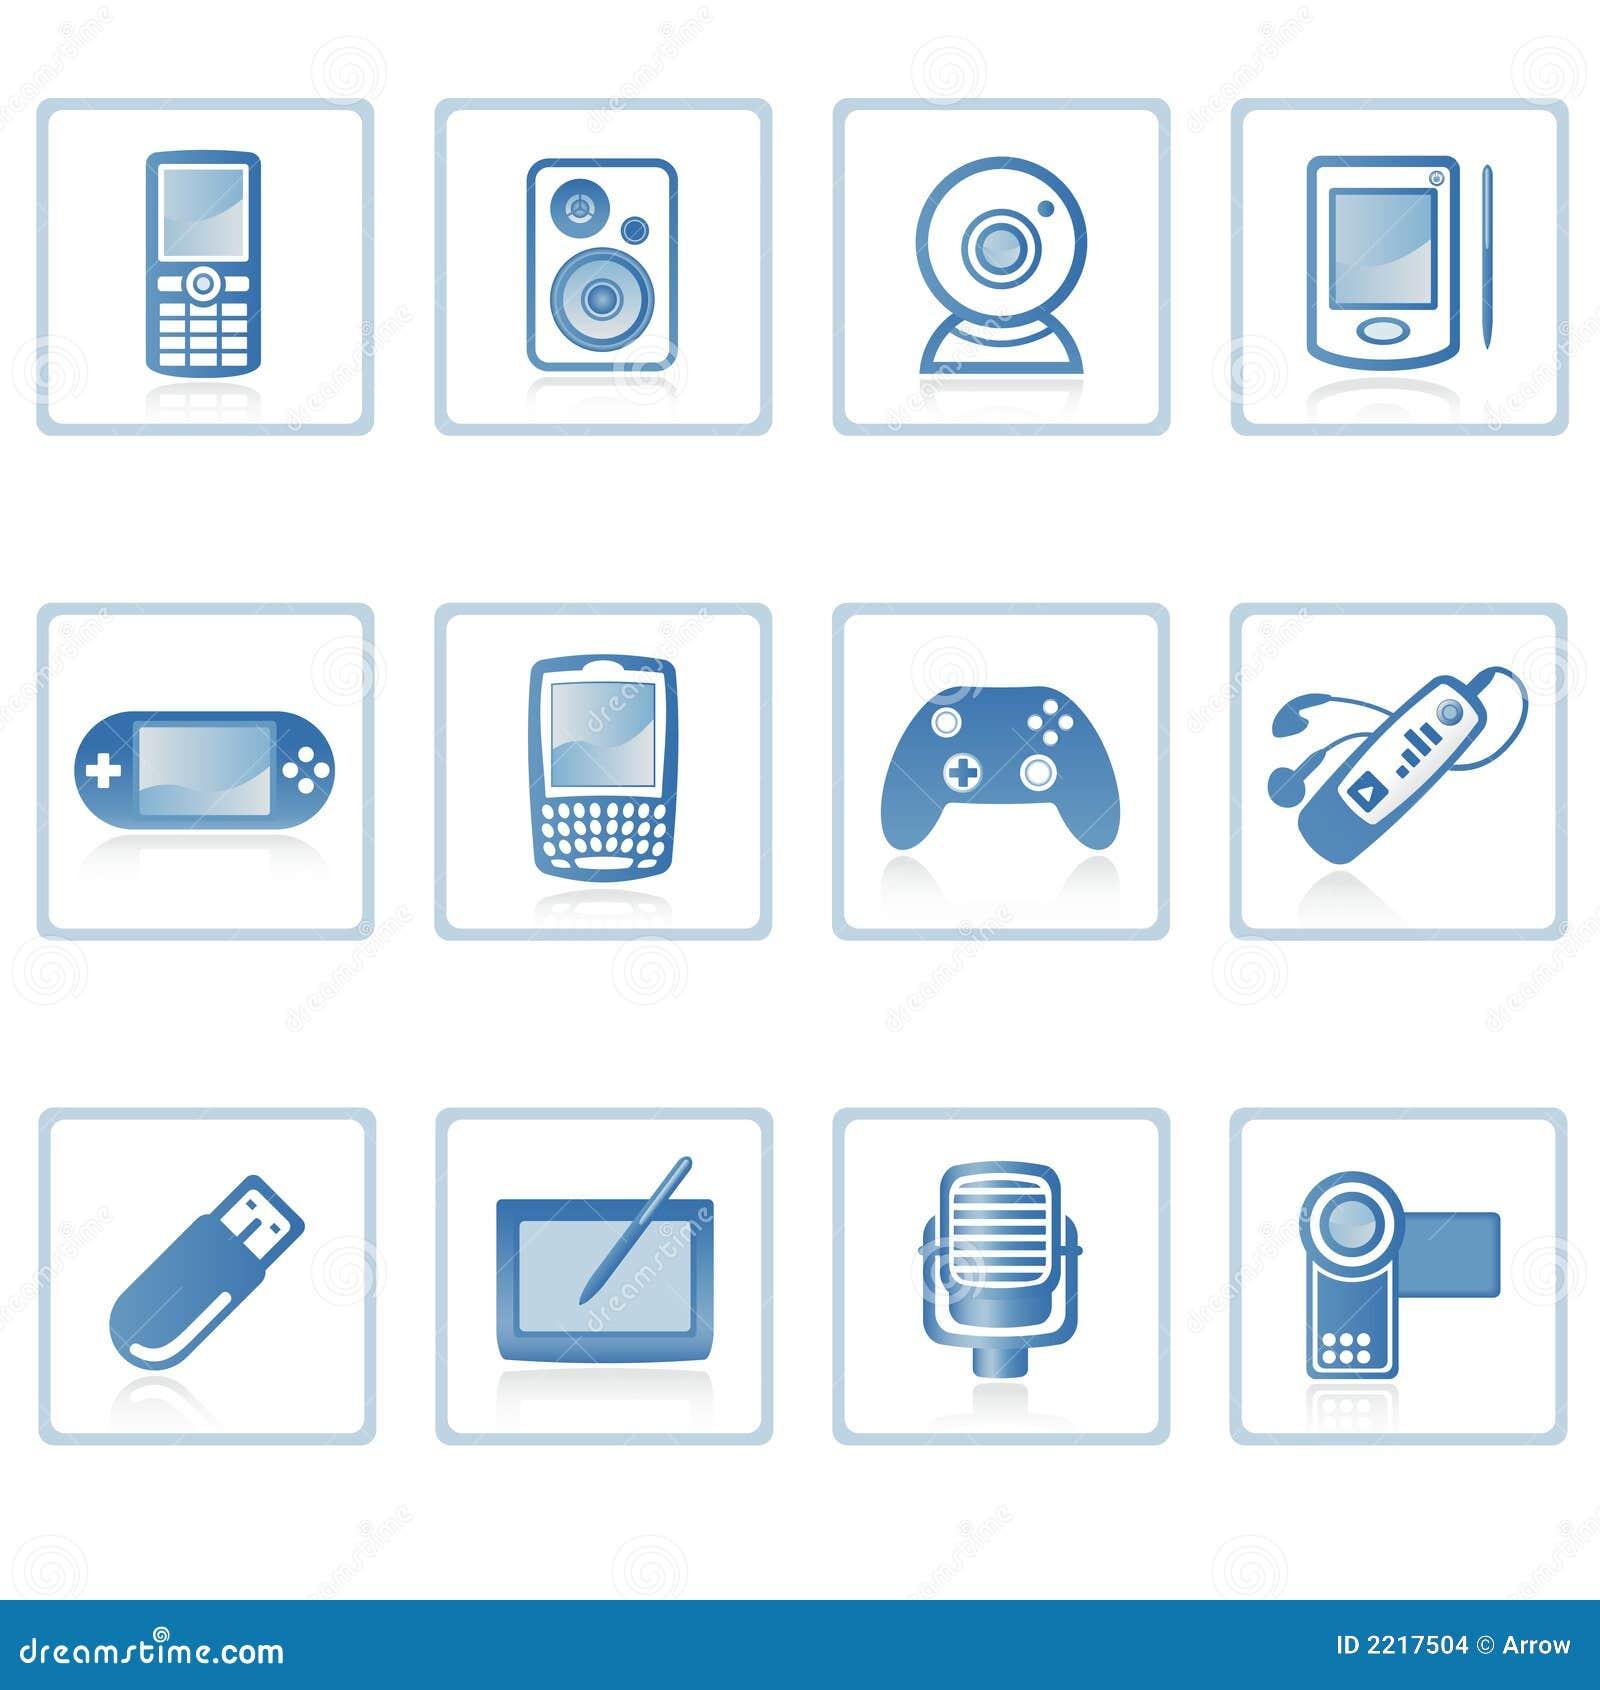 Electronics icon I